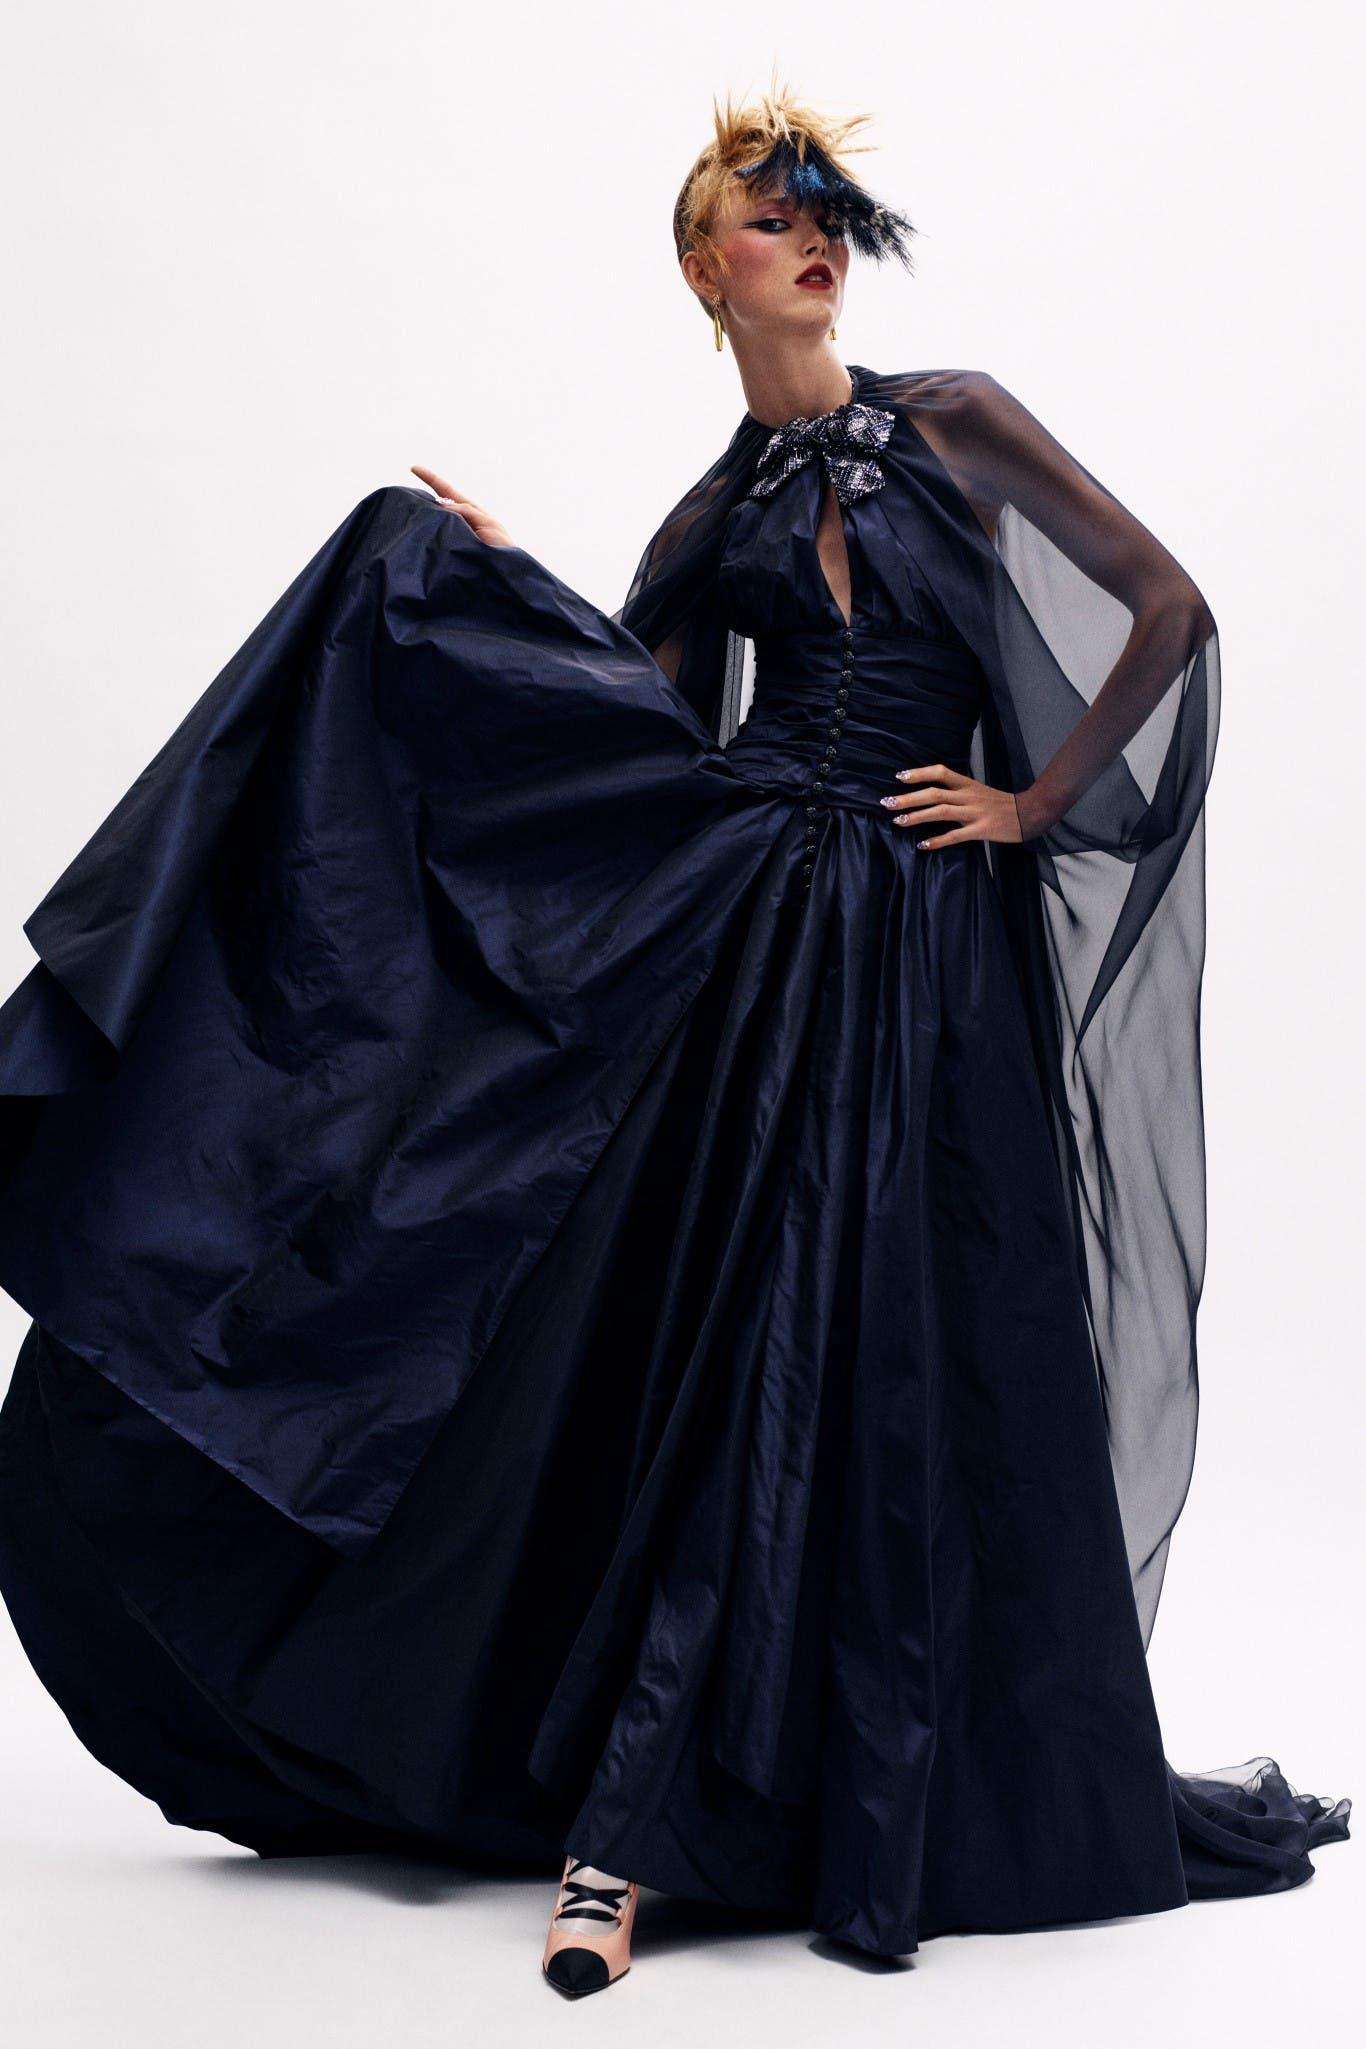 من مجموعة شانيل للأزياء الراقية لخريف2020